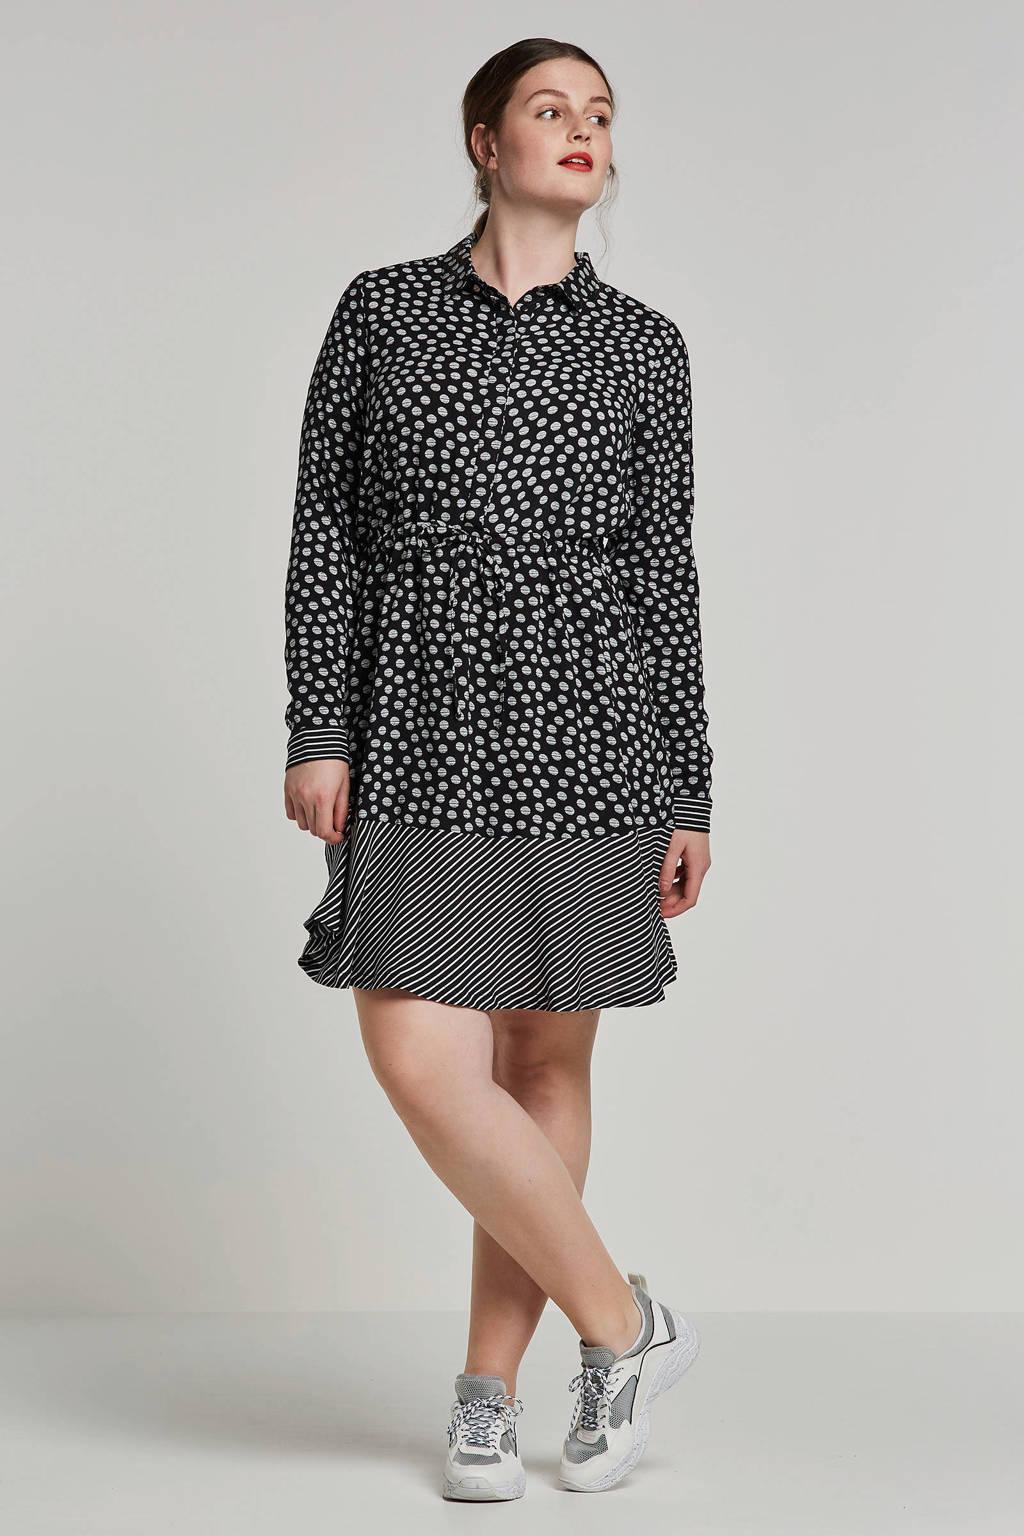 JUNAROSE blousejurk, Zwart/wit